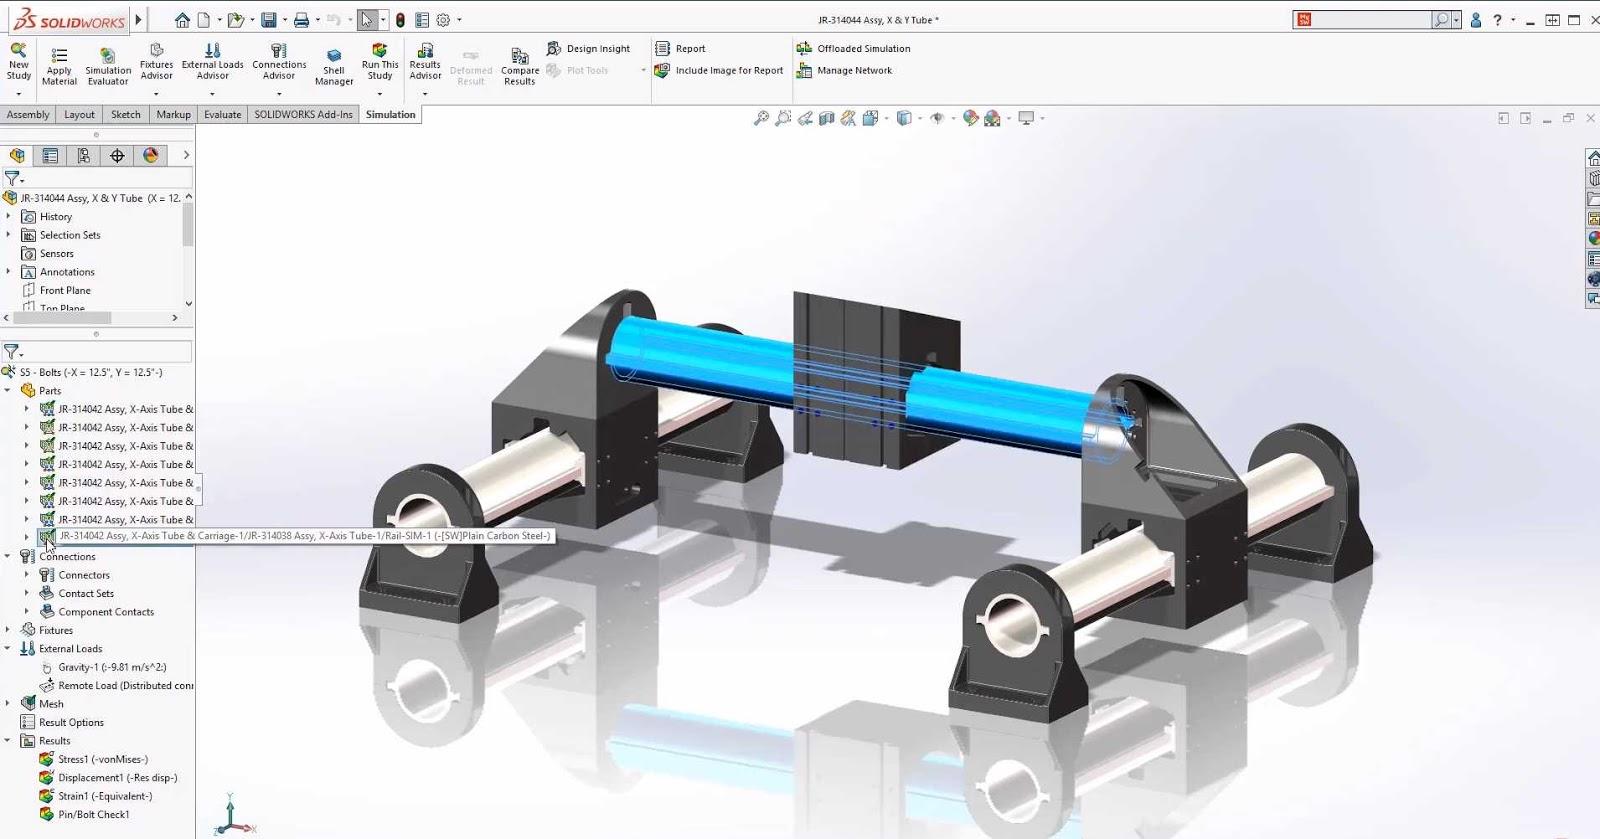 SolidWorks 2020 SP3.0 Full Premium